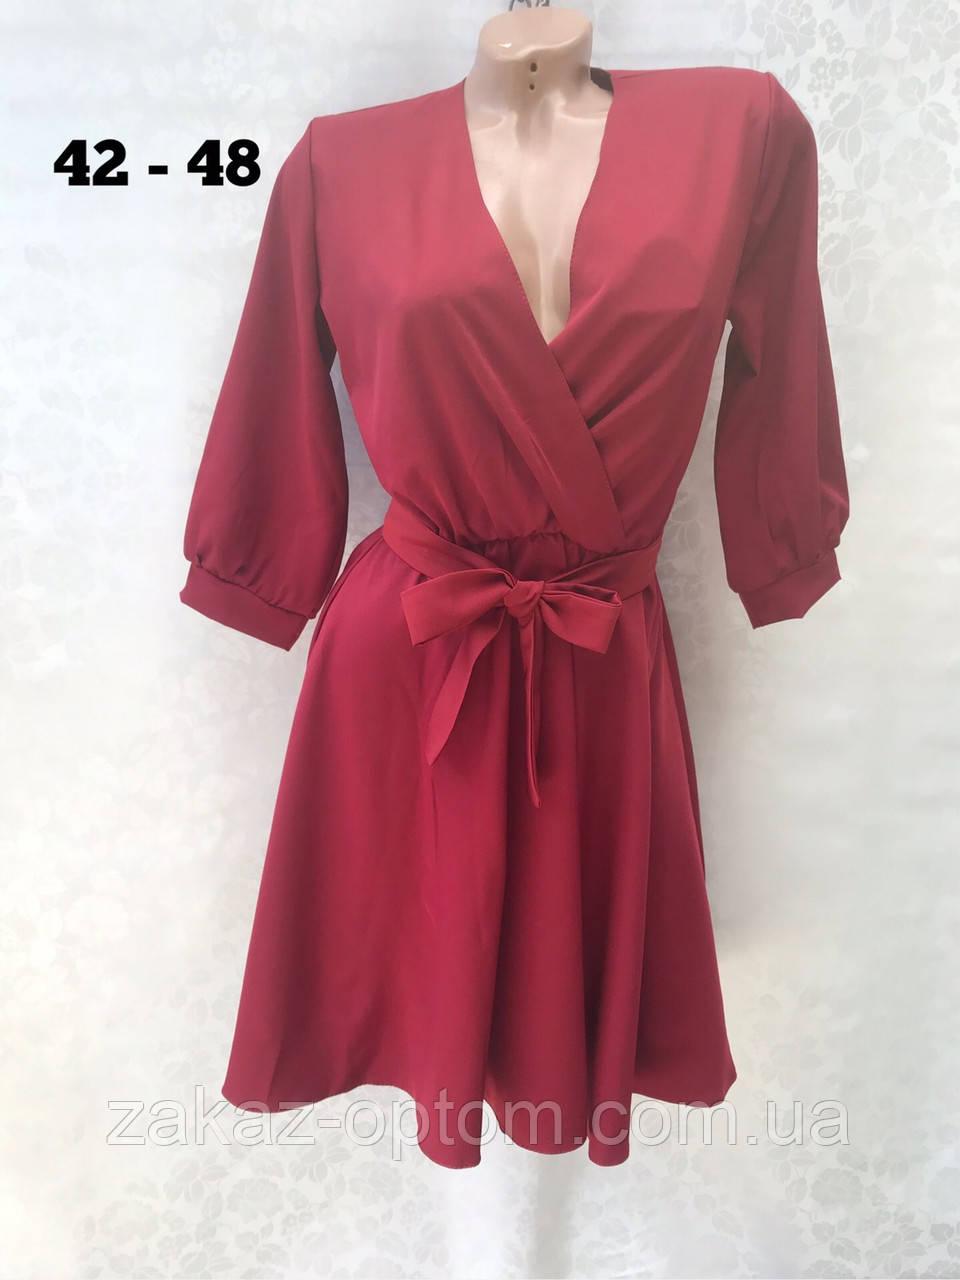 Платье женское оптом(42-48)Украина-64396